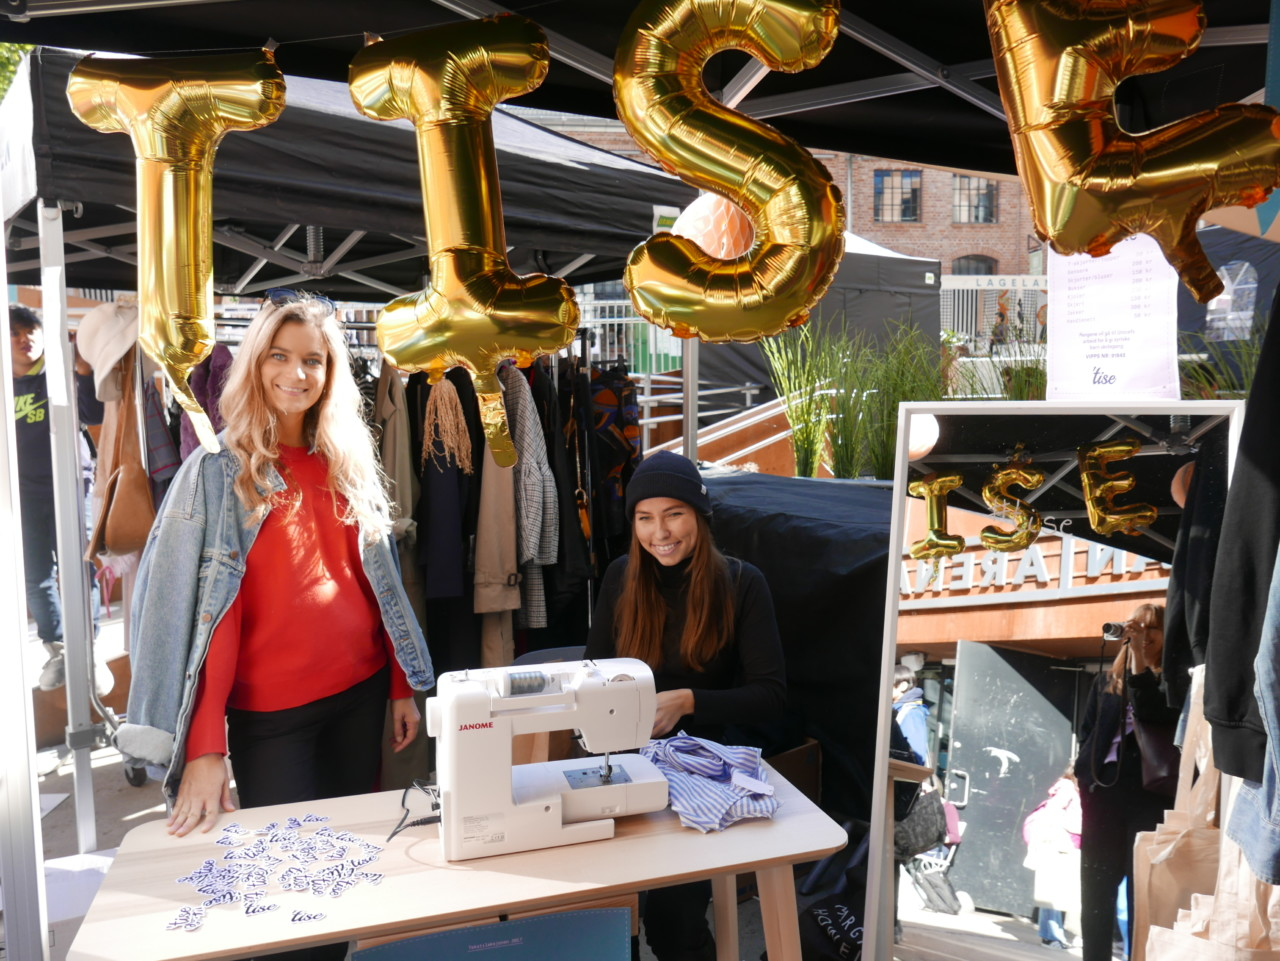 tise-tekstil-aksjonen-2017-anja-stang